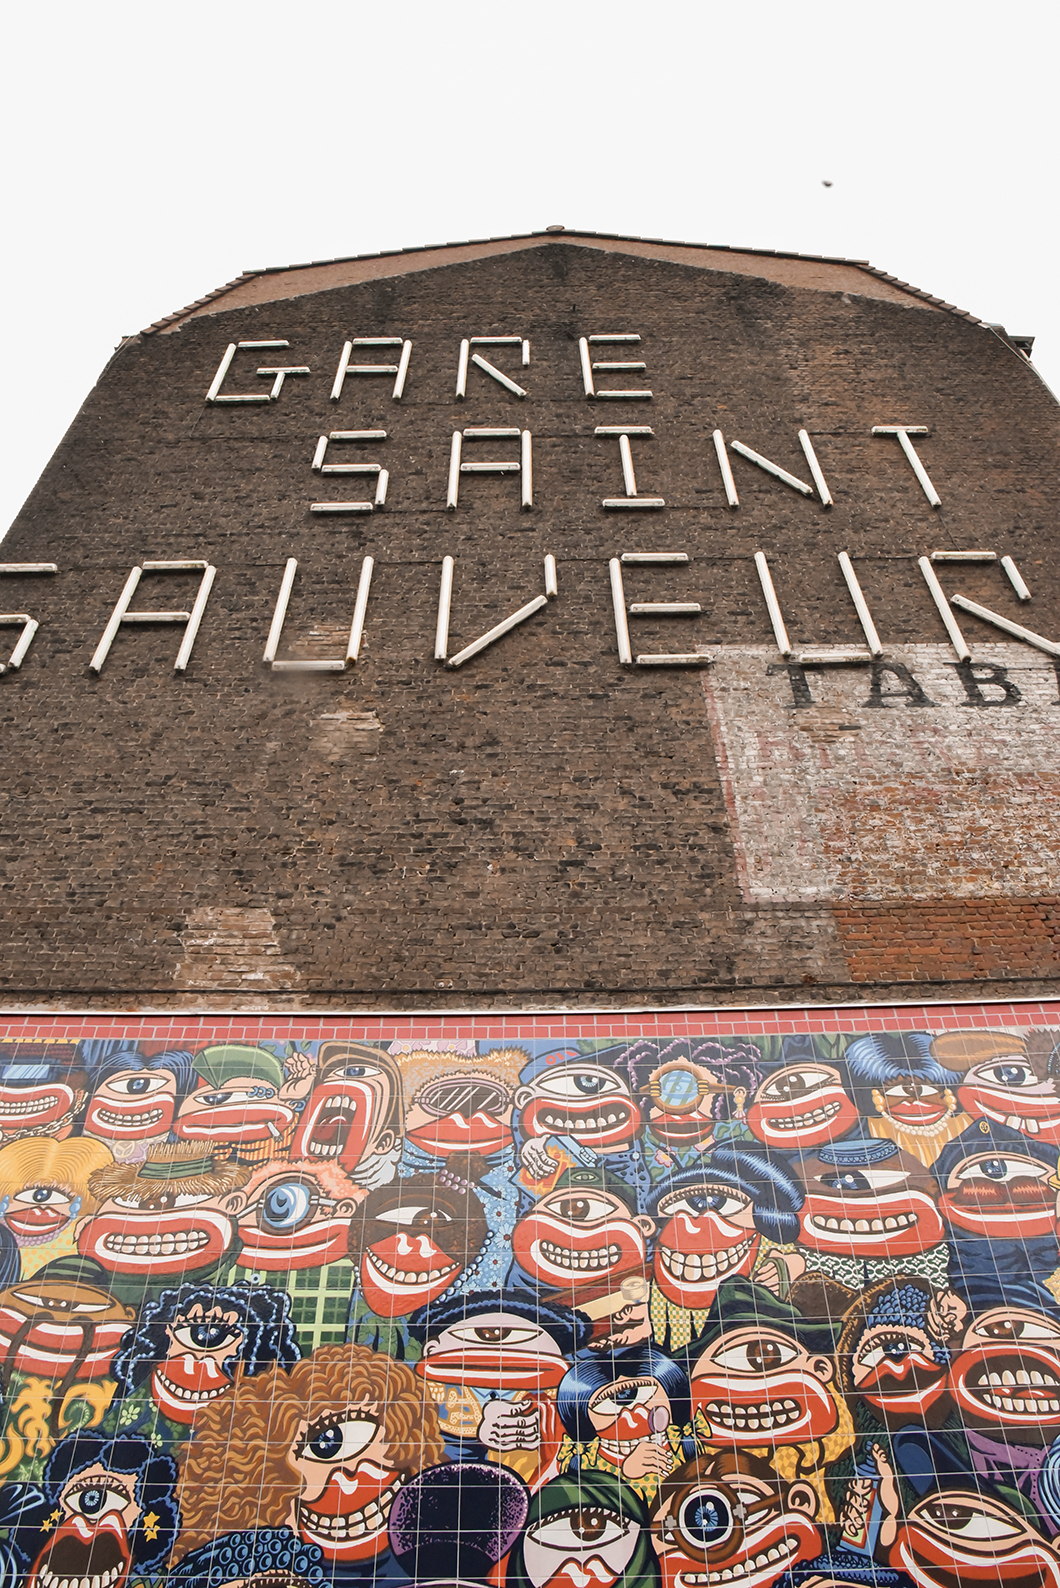 Gare Saint Sauveur, visite incontournable à Lille